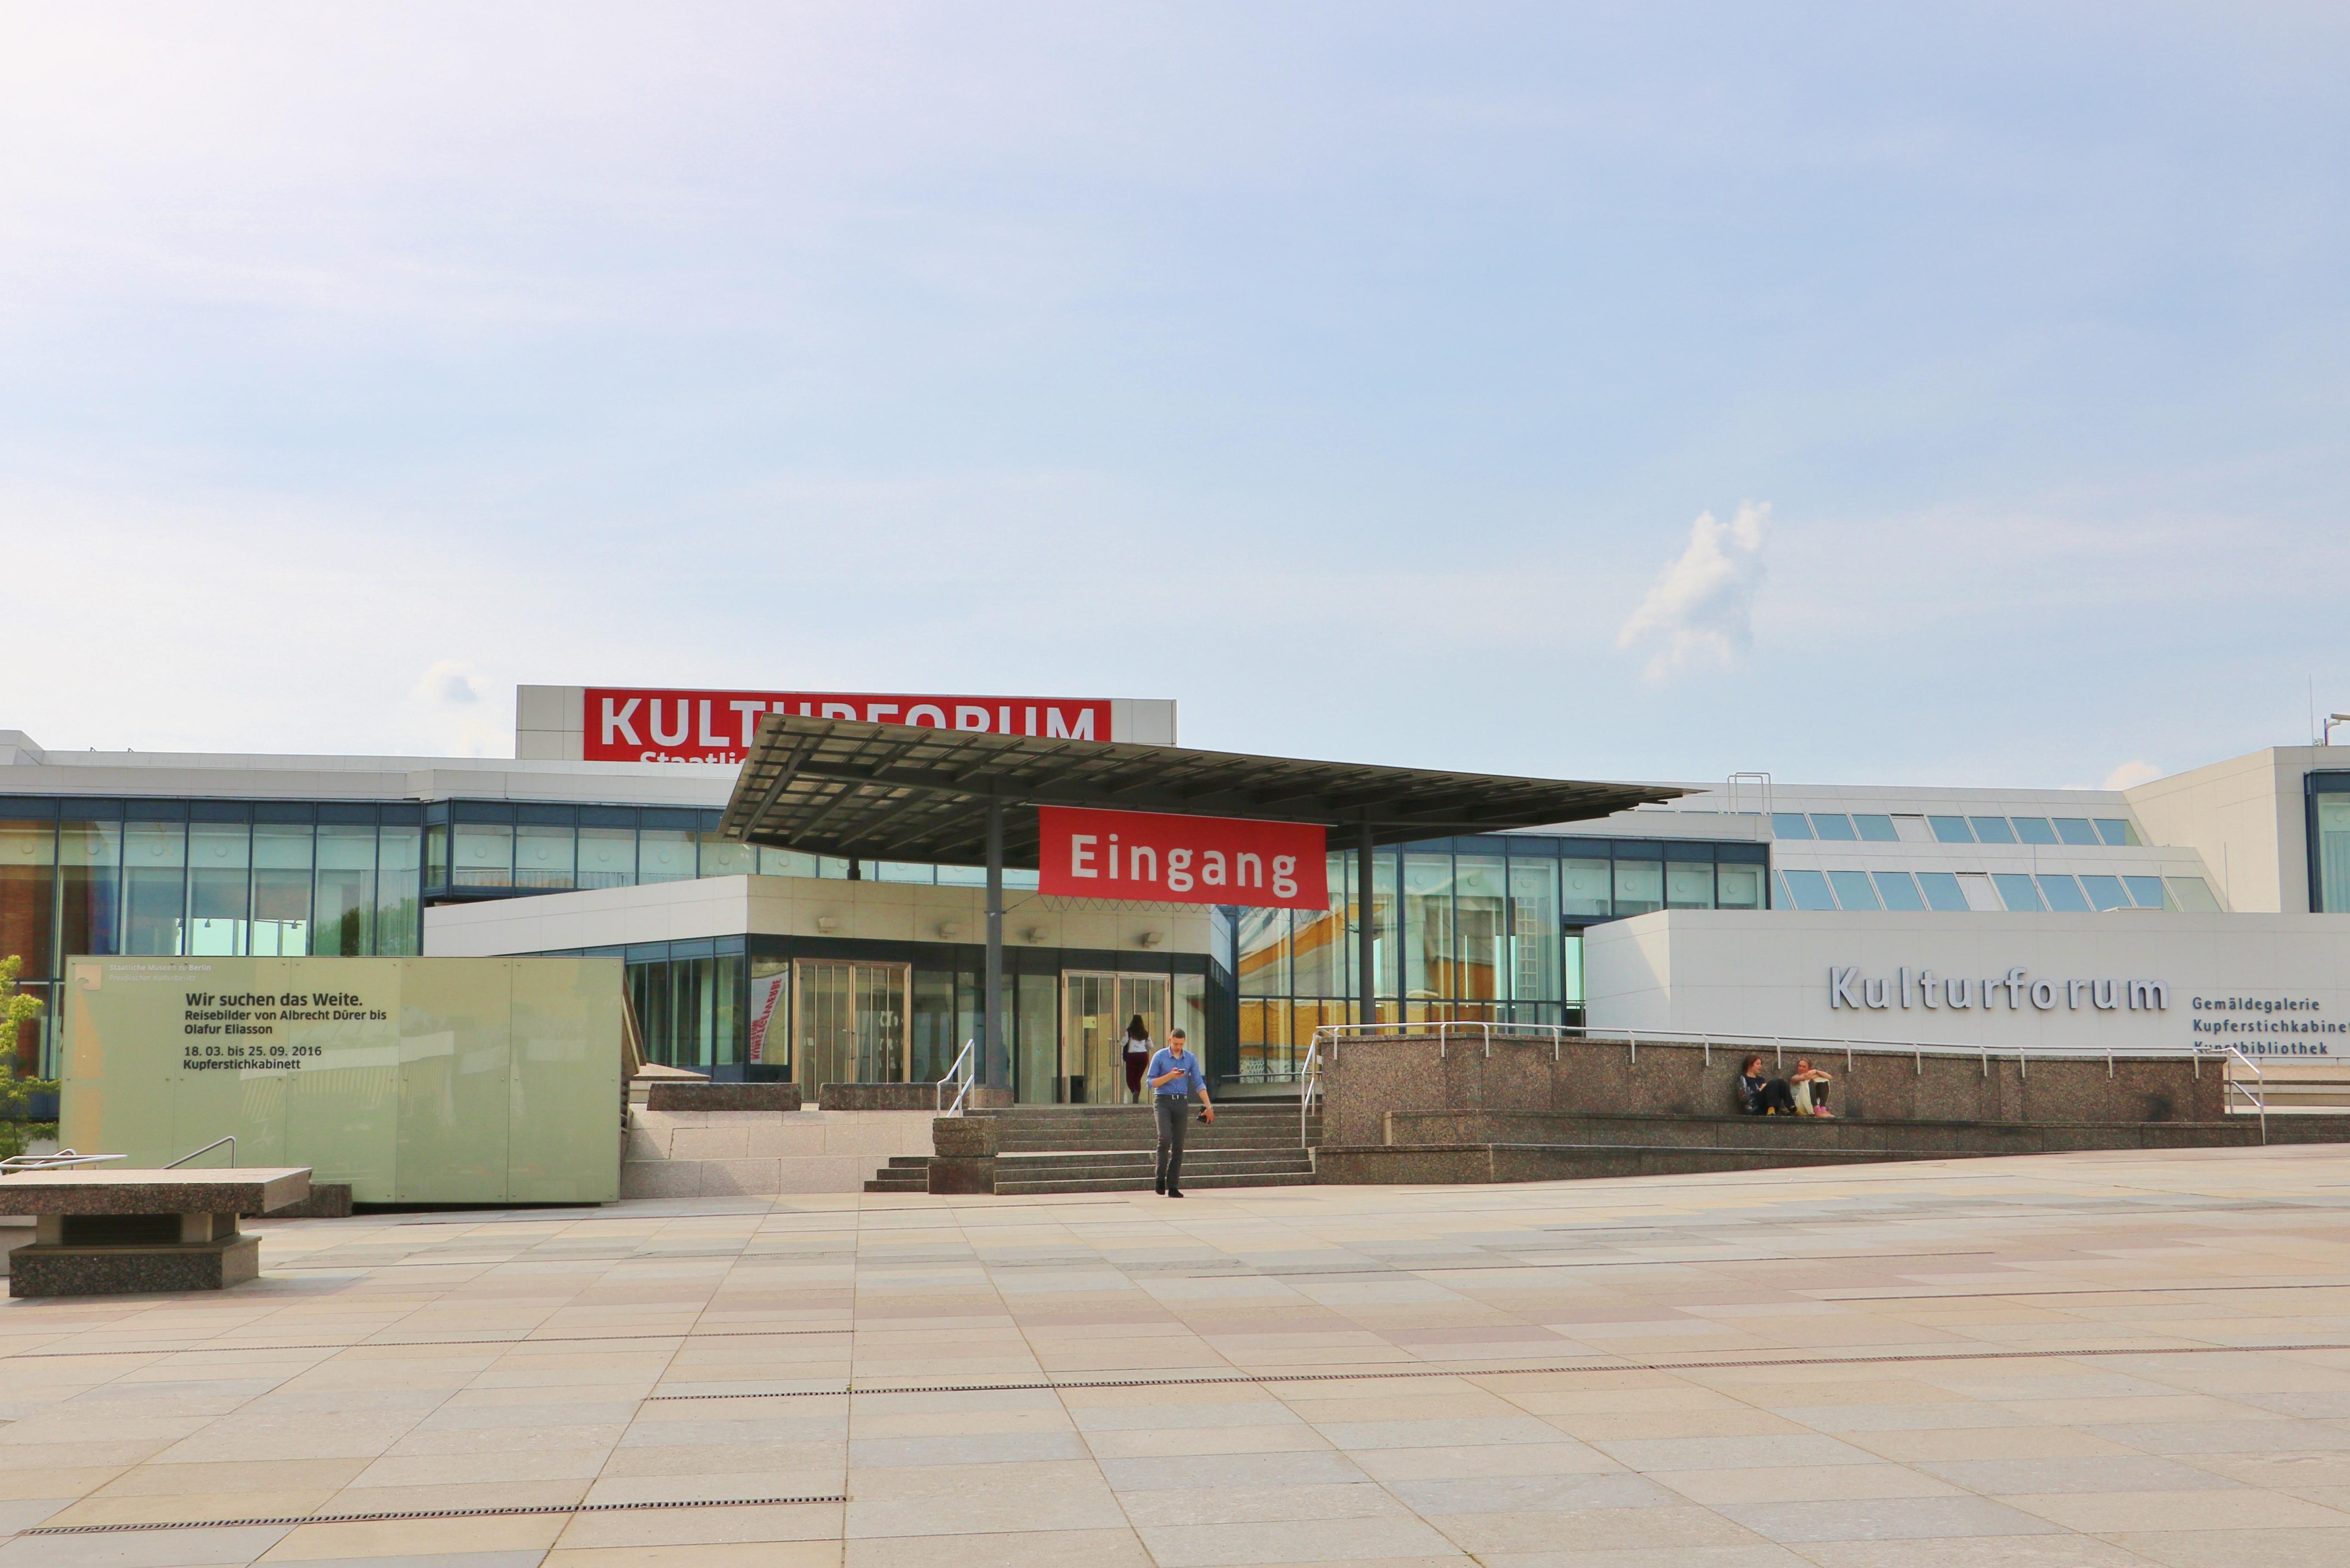 瑞典斯德哥尔摩+马尔默+丹麦哥本哈根+德国汉堡+柏林10日8晚自由行(4钻)·欧洲设计瑰宝 音乐艺术之旅|可选WIFI翻译机